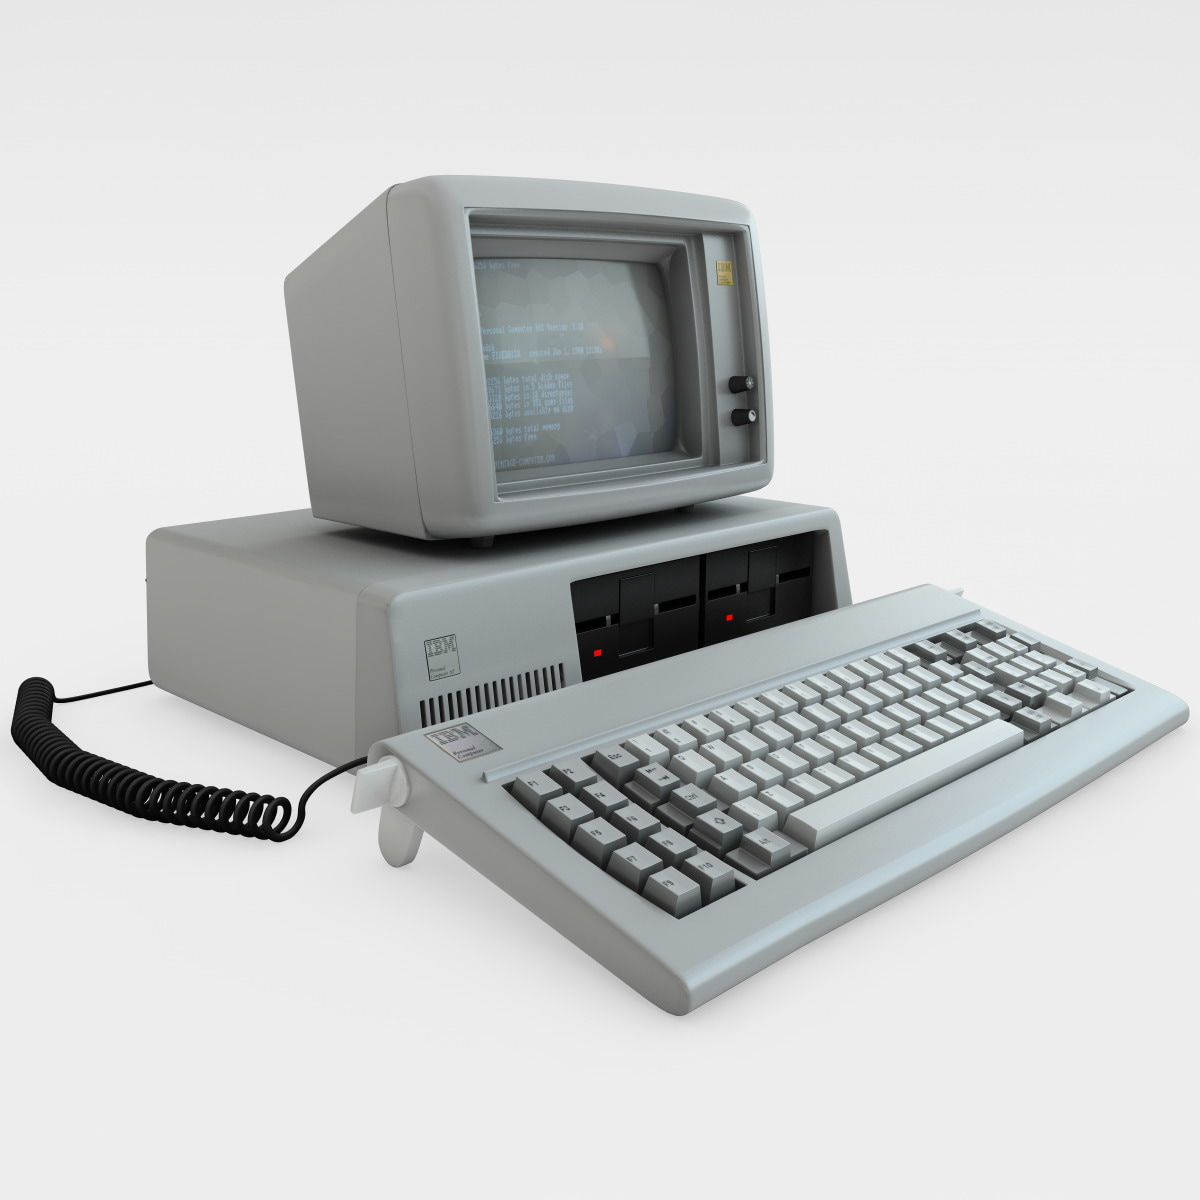 147864_IBM_PC_XT_Set_005.jpg